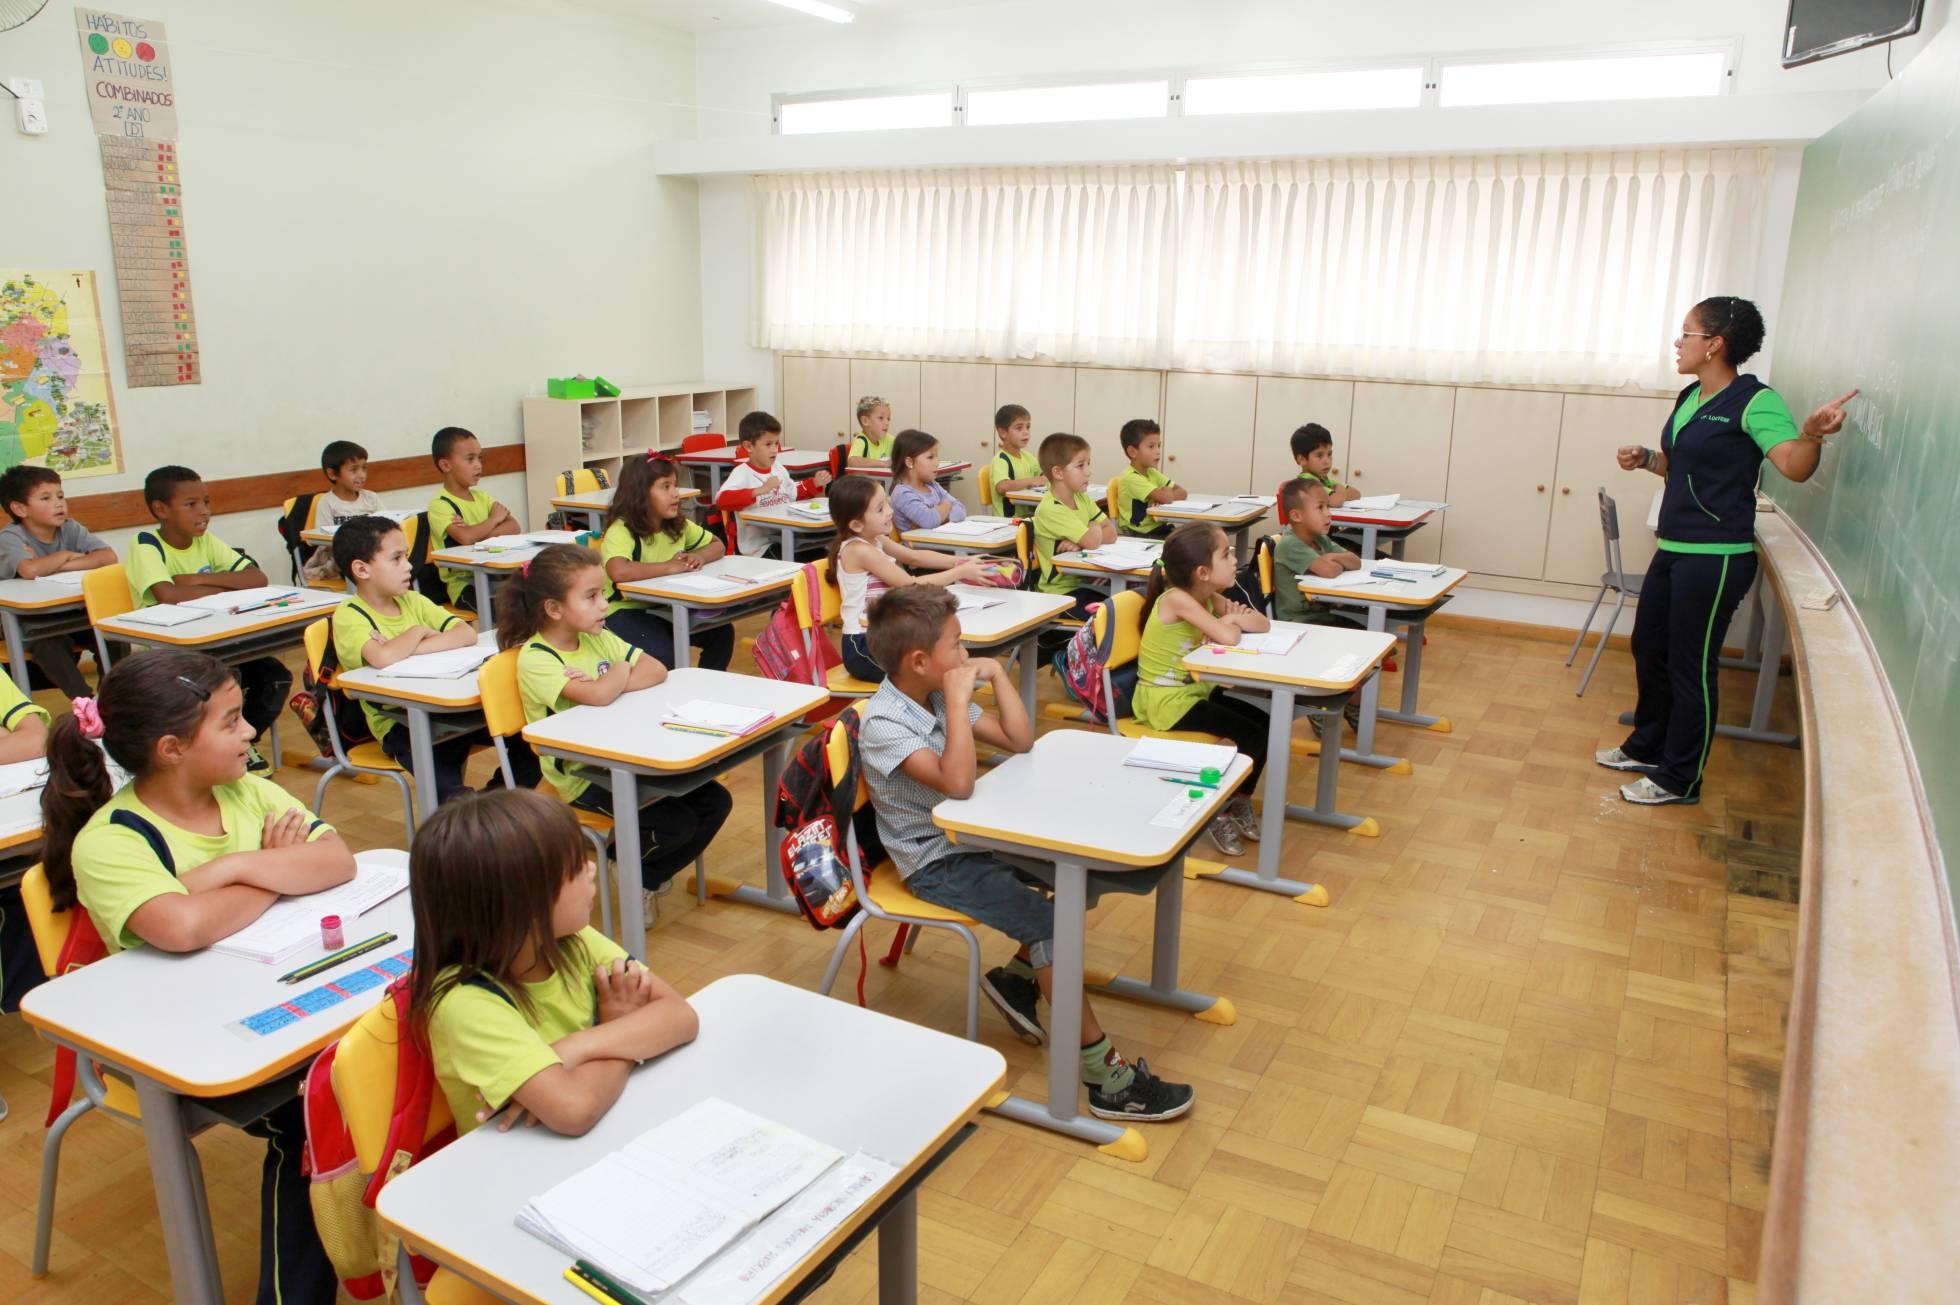 Apenas acesso à educação não é suficiente para reduzir desigualdade no Brasil, diz estudo